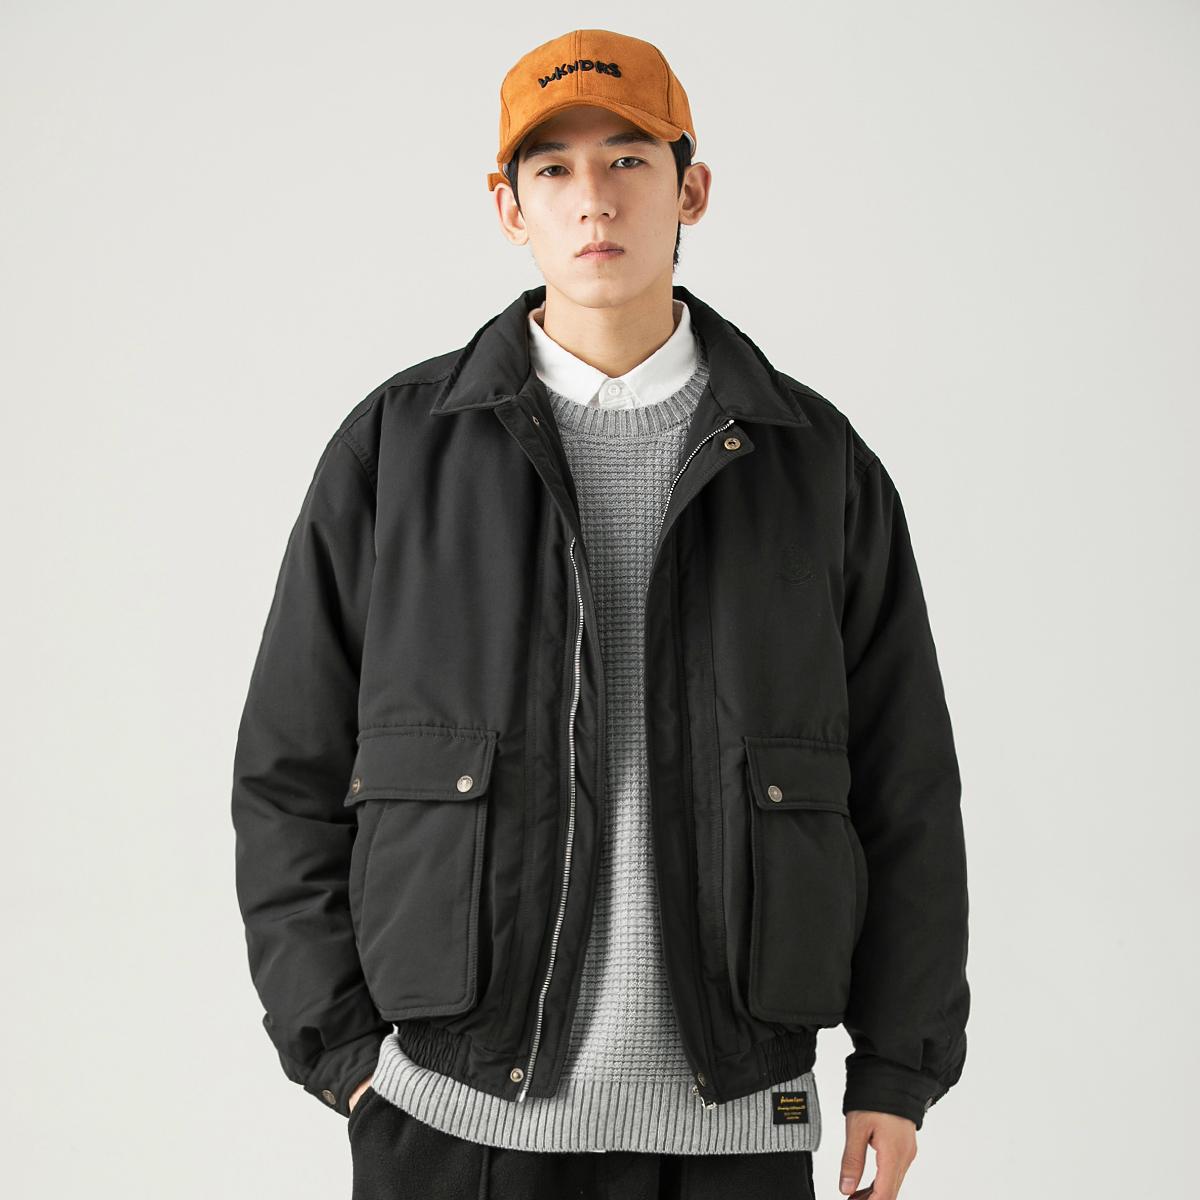 GBOY冬季白鸭绒羽绒服男短款纯色日系复古工装上衣休闲保暖外套男